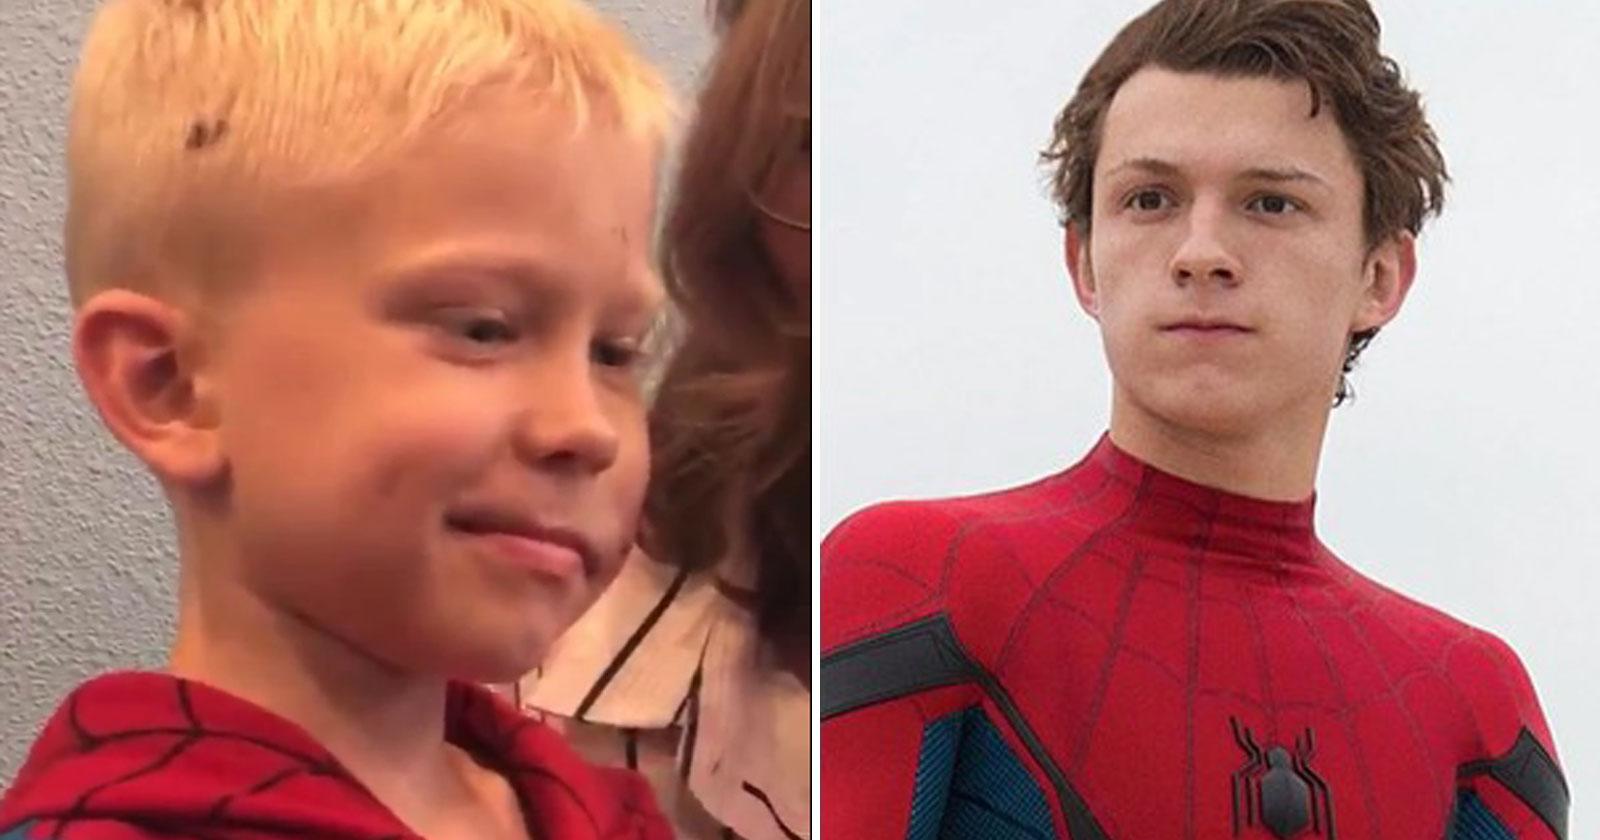 Tom Holland convida menino que salvou irmã de ataque de cachorro para o set de 'Homem-Aranha 3' 1